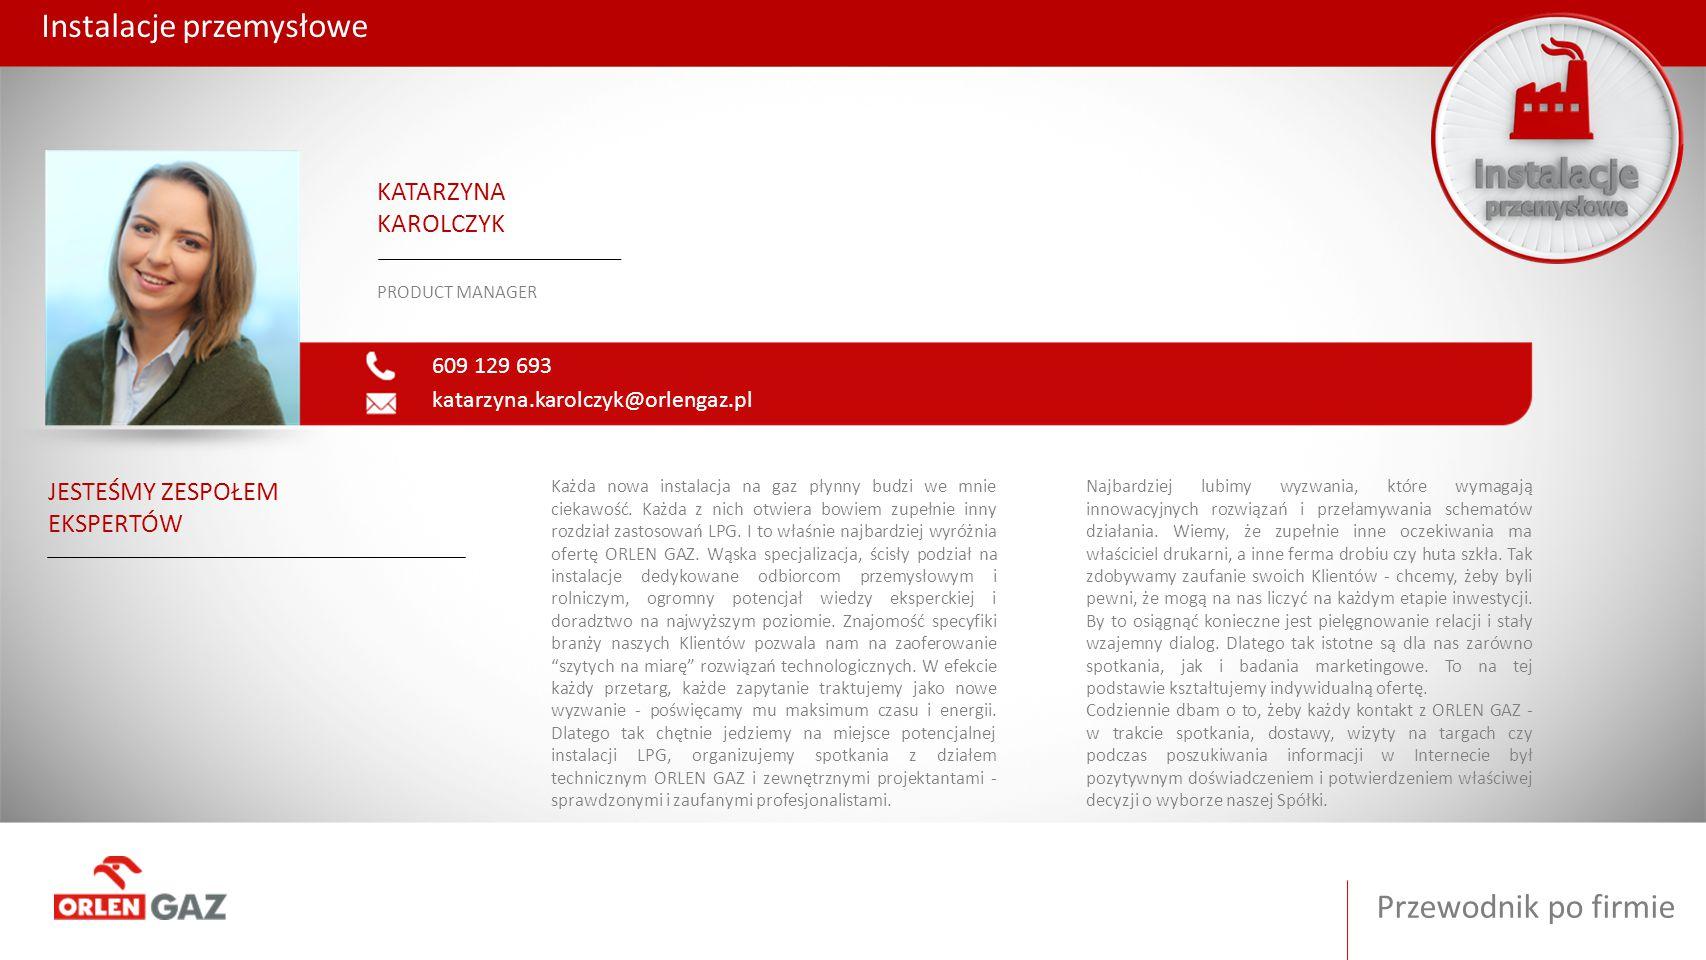 Przewodnik po firmie Instalacje przemysłowe 609 129 693 katarzyna.karolczyk@orlengaz.pl KATARZYNA KAROLCZYK PRODUCT MANAGER JESTEŚMY ZESPOŁEM EKSPERTÓ